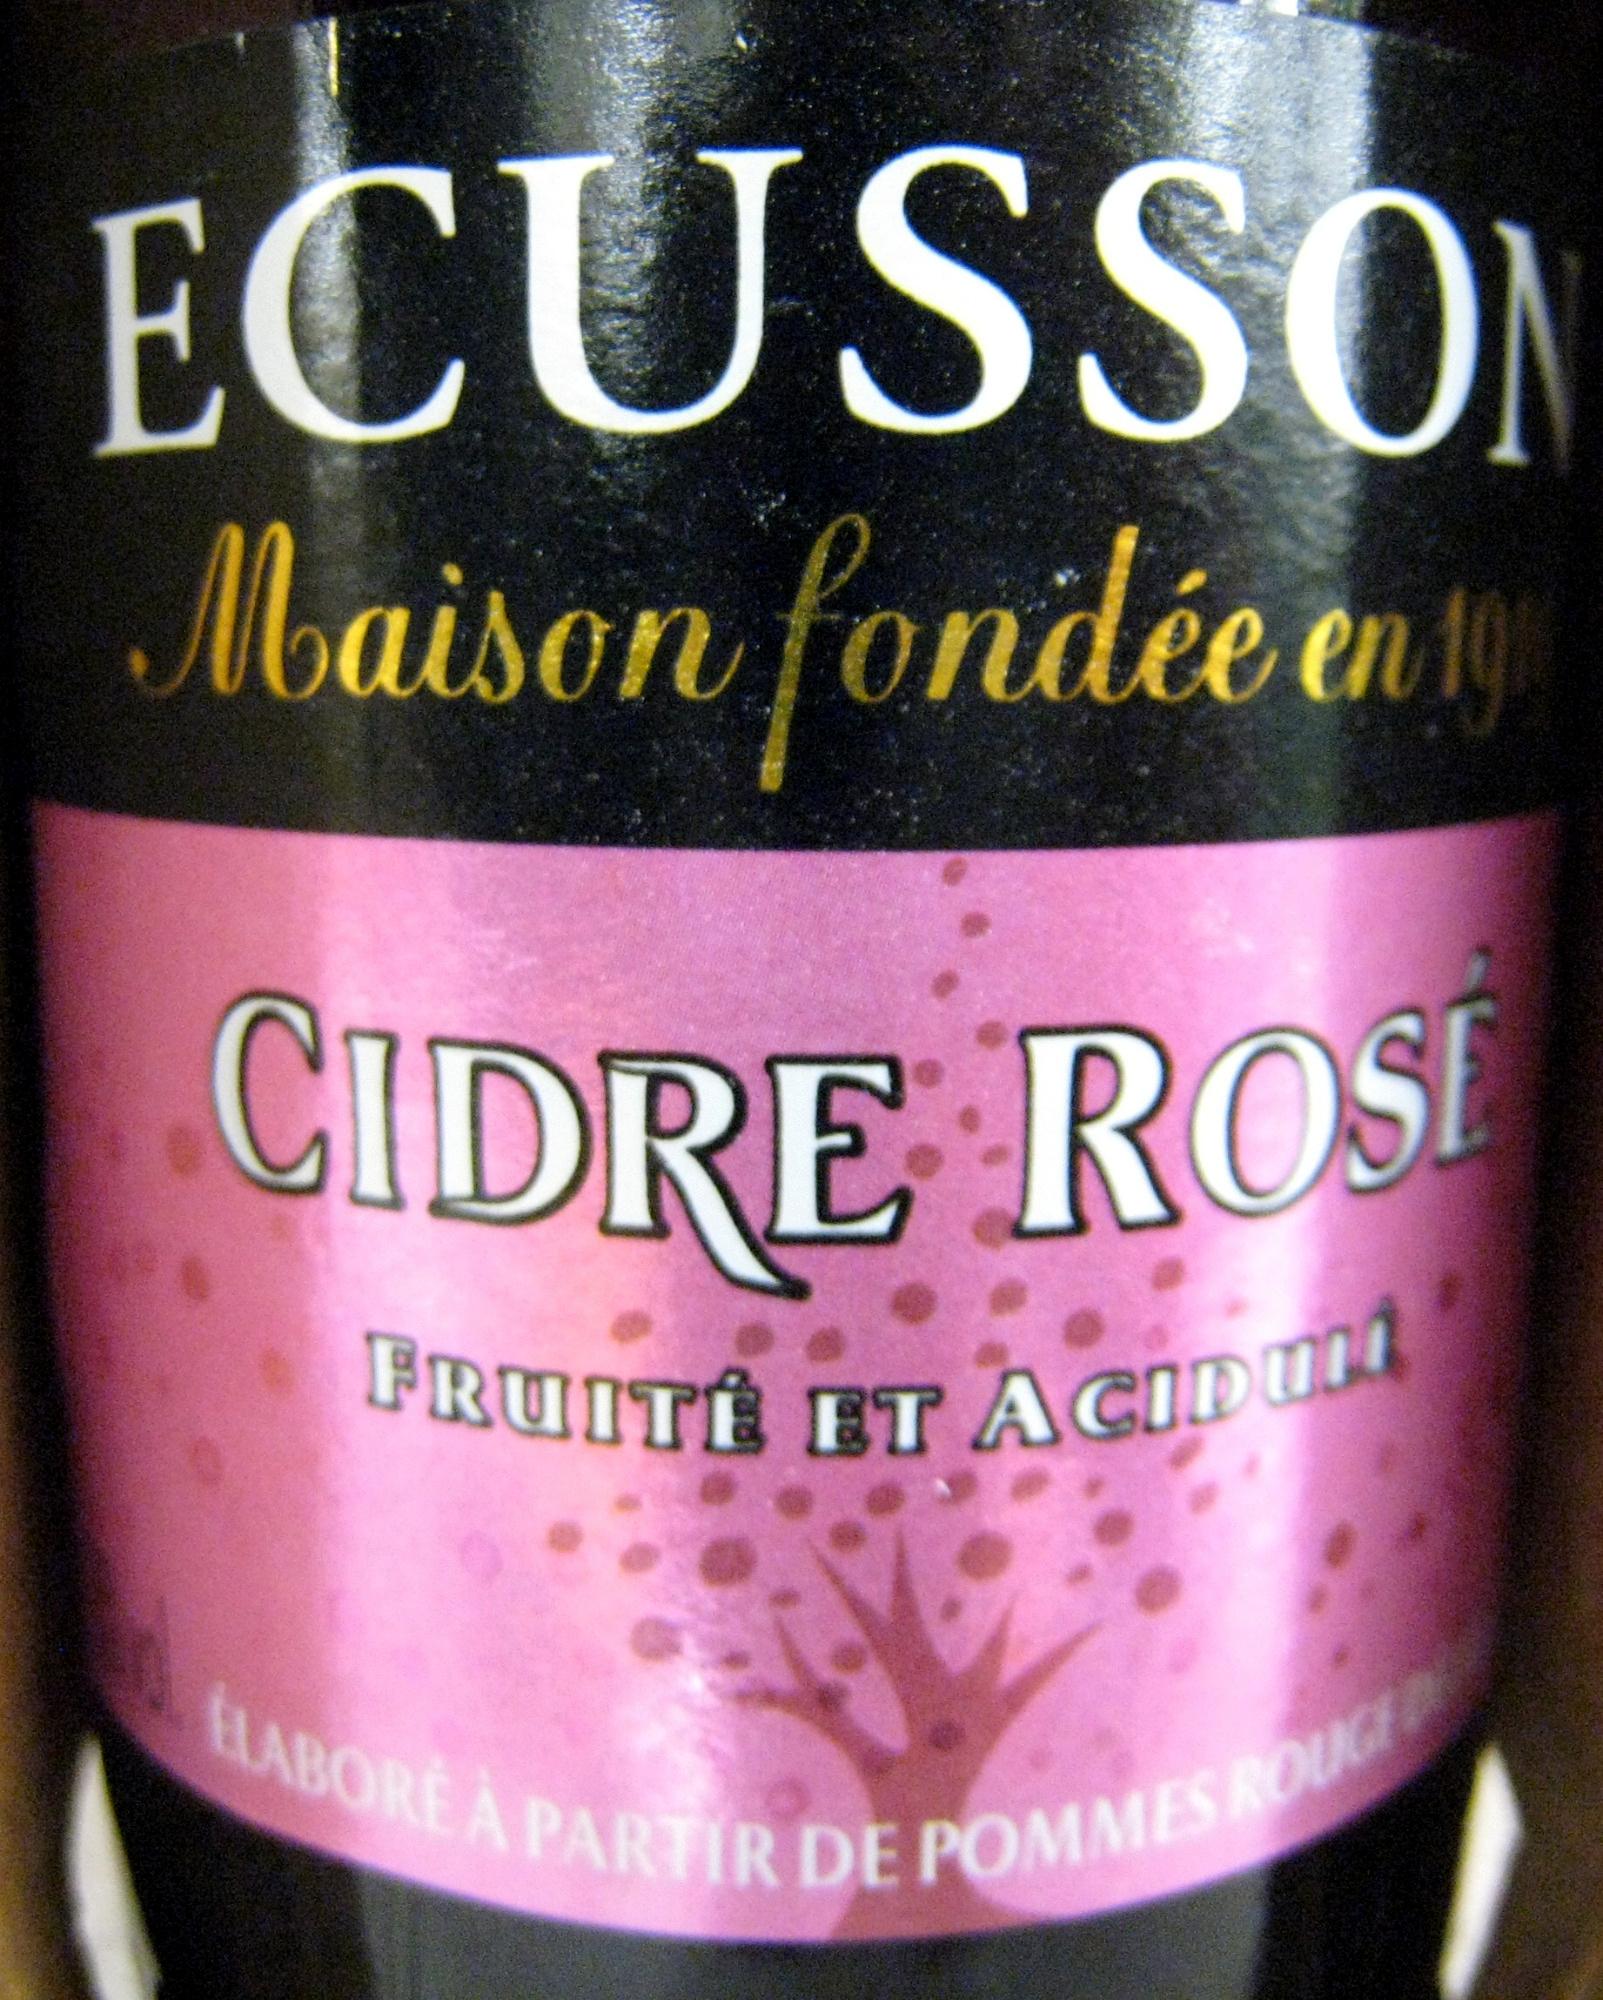 Cidre rosé Ecusson 33 cl - Prodotto - fr